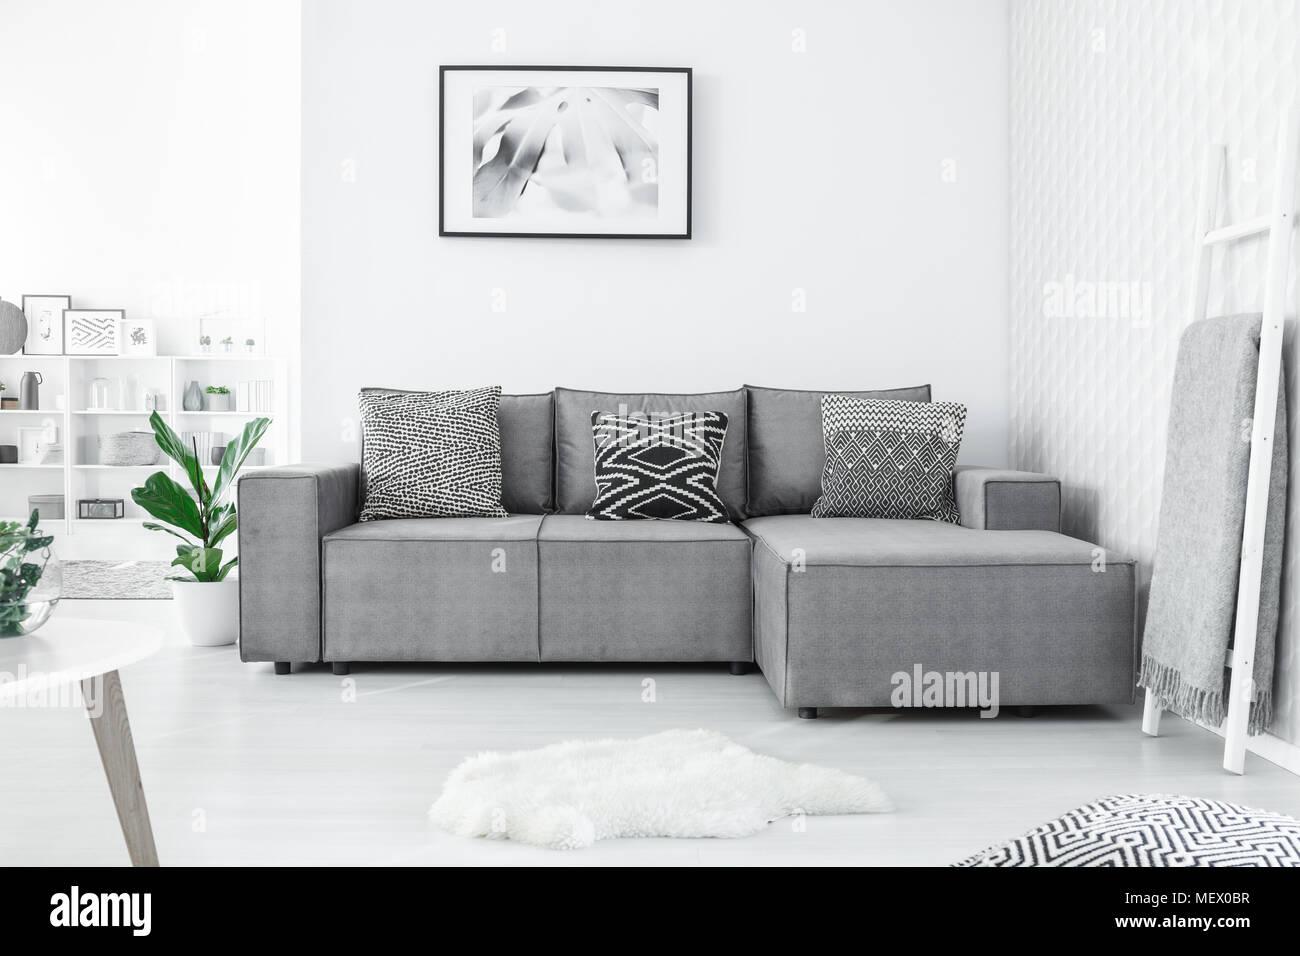 Graue Ecke Couch Mit Drei Gemusterten Kissen Im Hellen Wohnzimmer Interieur  Mit Malerei Und Weissen Teppich Stehend